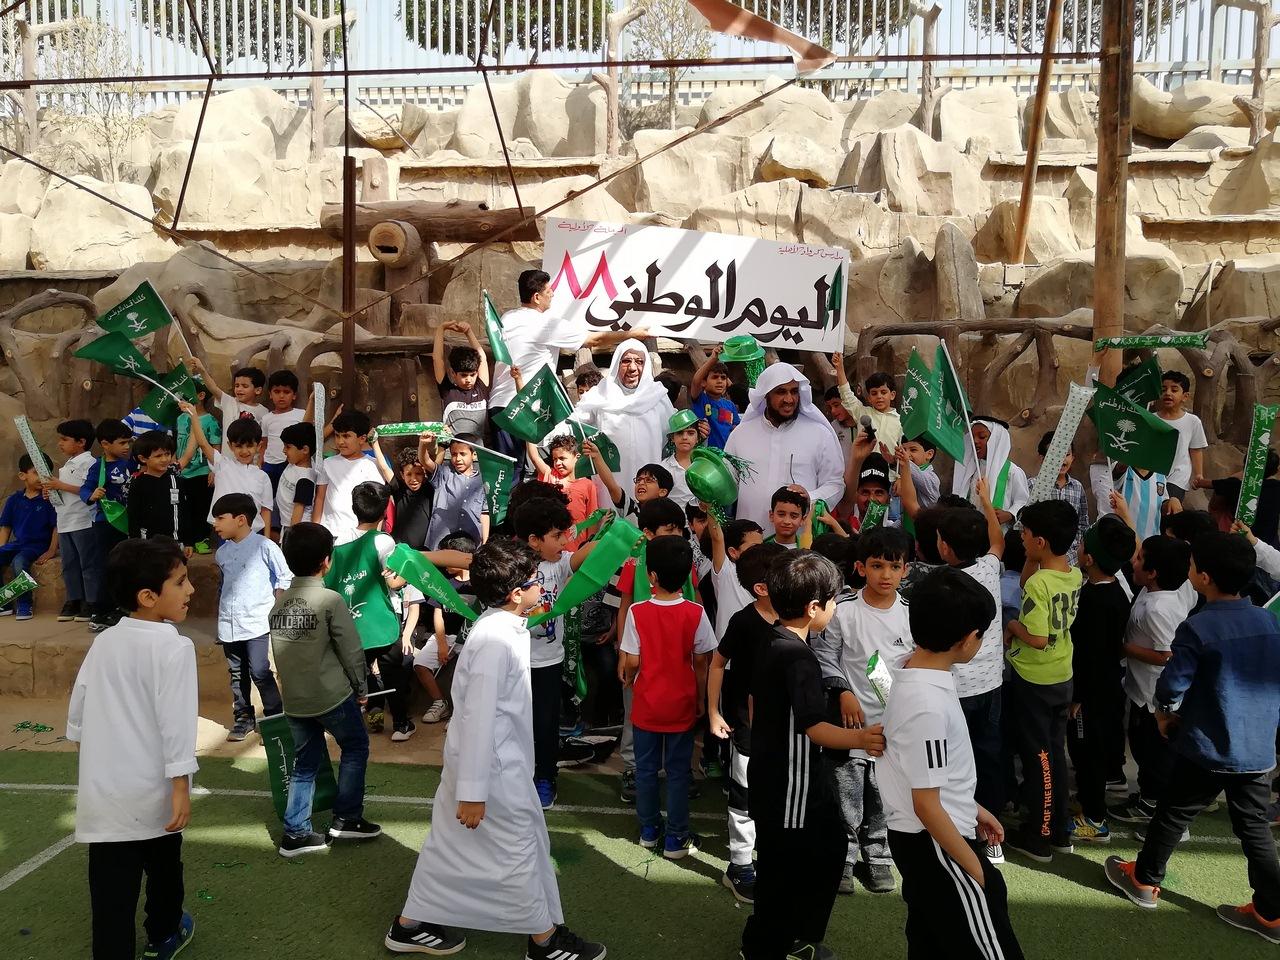 مهرجان ألعاب للصف الأول عن اليوم الوطني